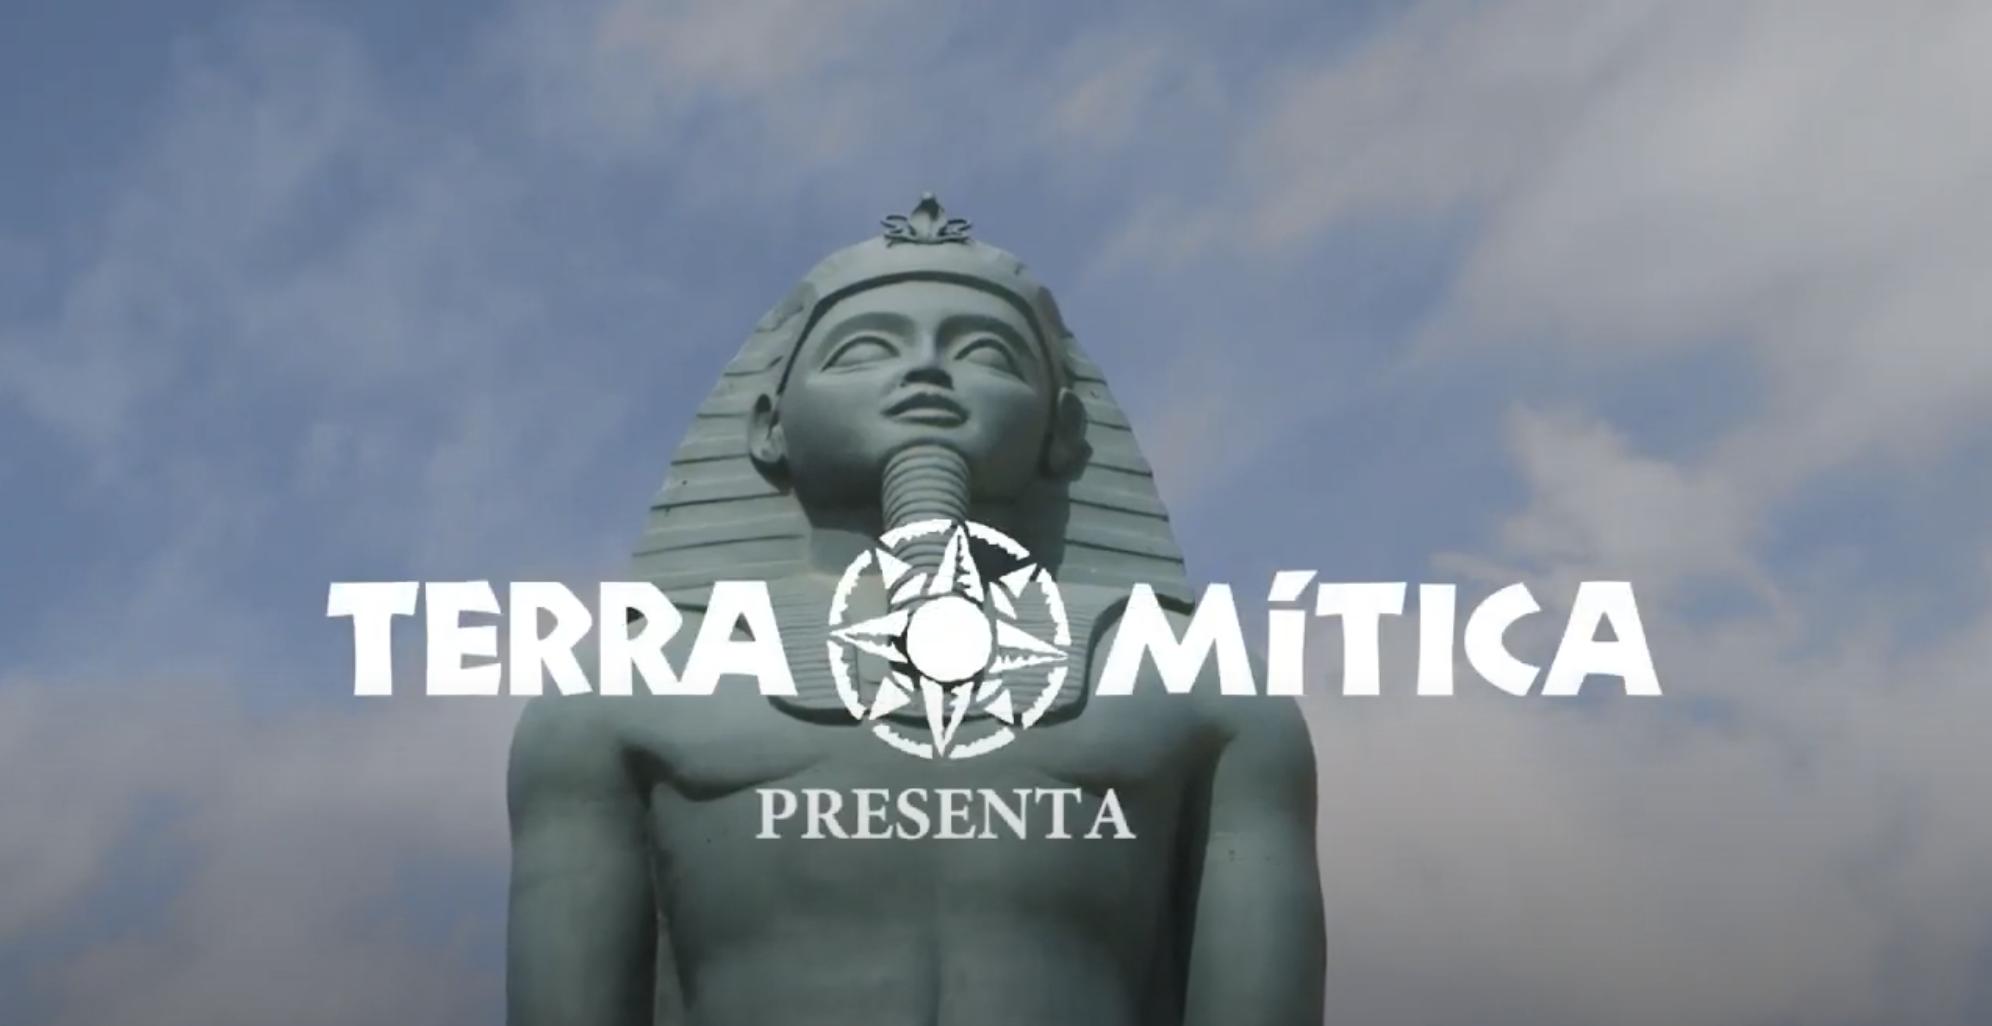 terra mitica campaña de comunicación y marketing